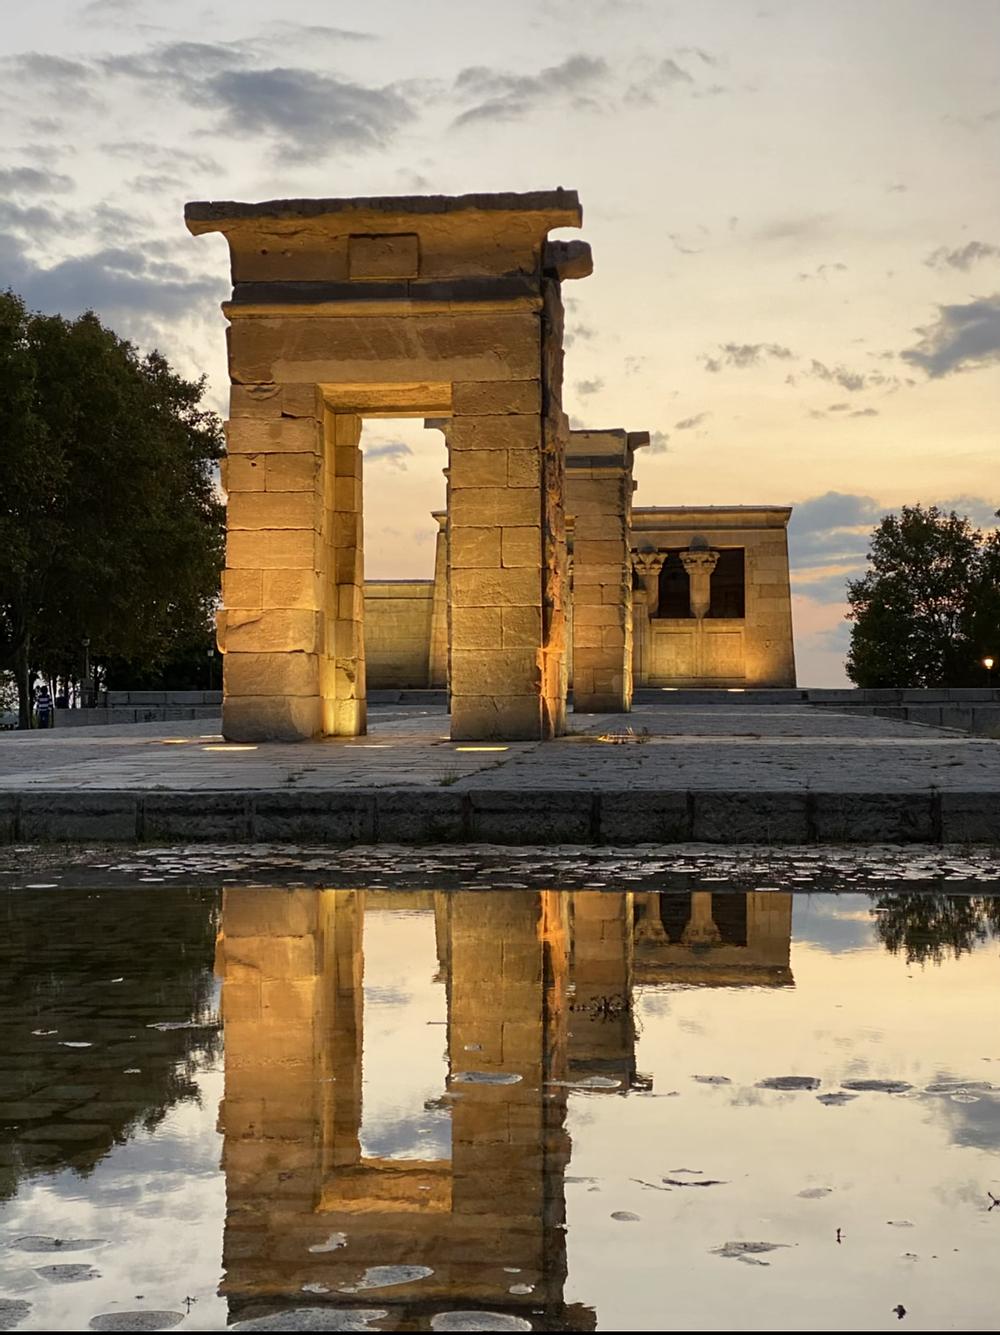 Atardecer en Templo Debod en Madrid